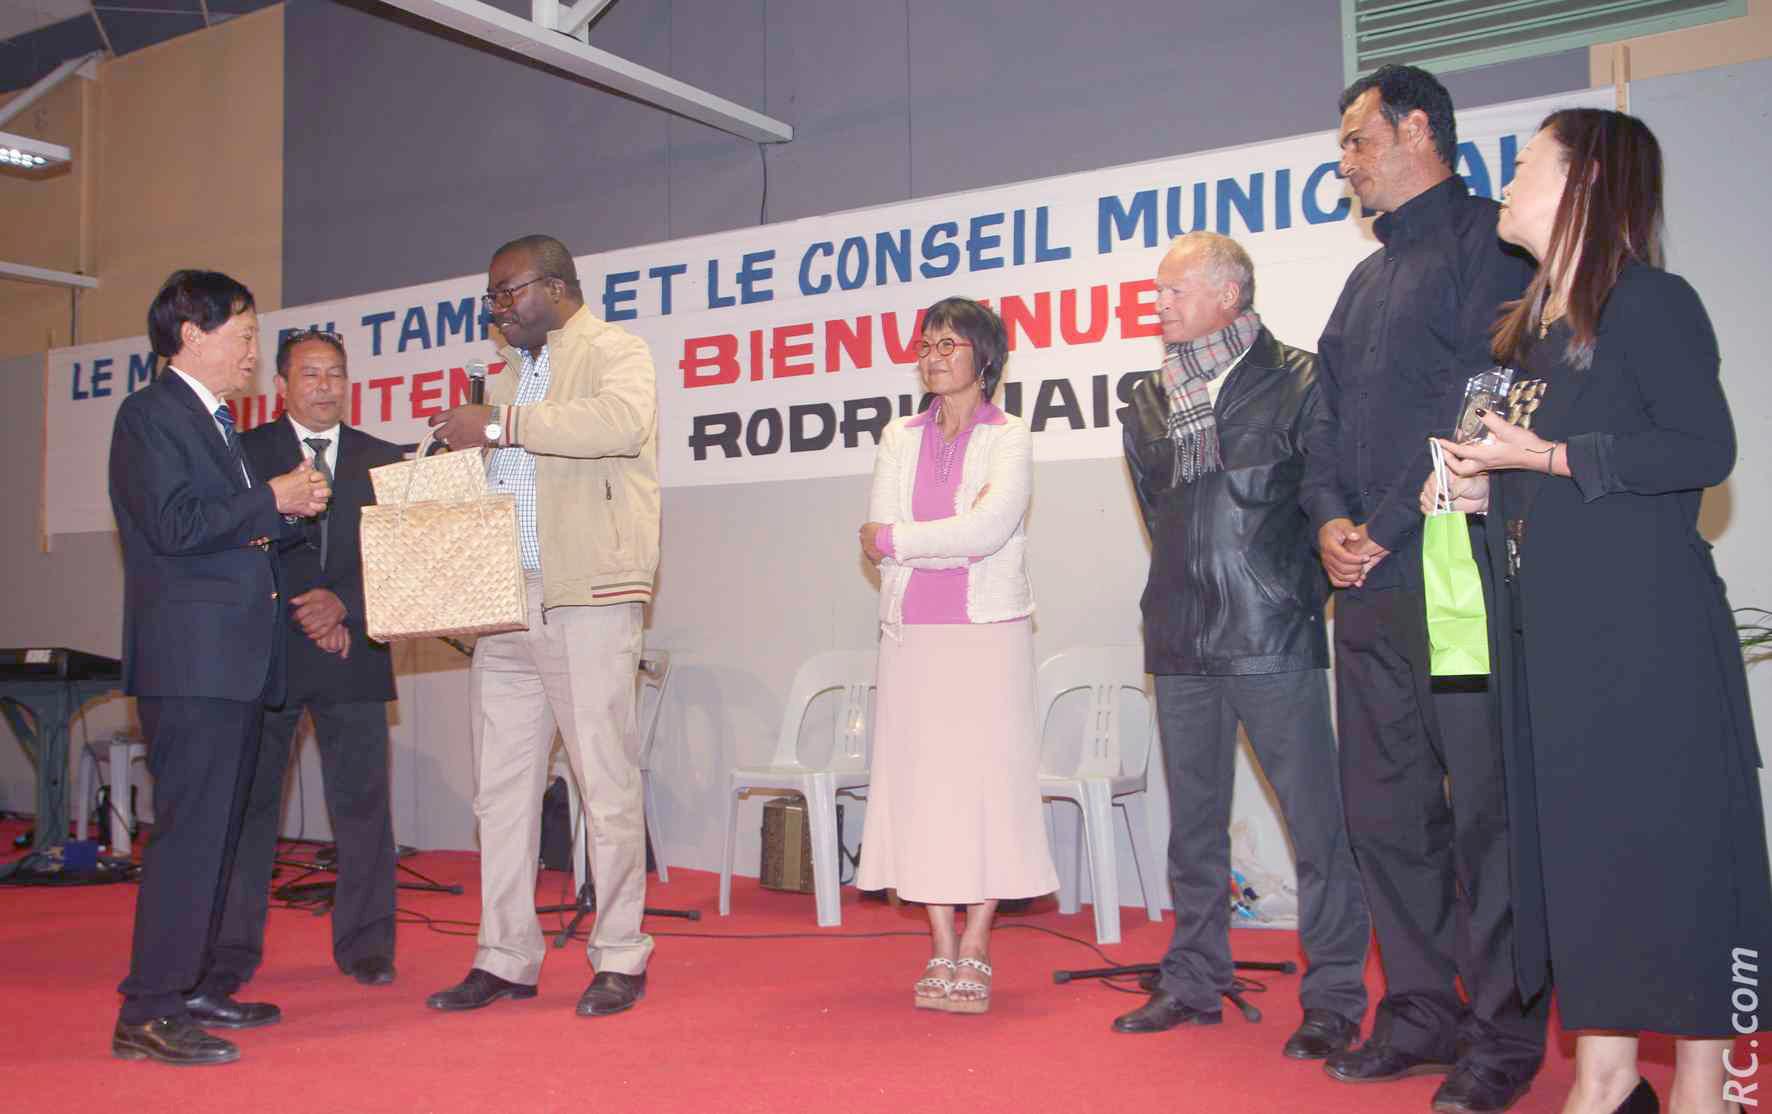 La Médaille de la Ville du Tampon a été remise à Benoît Jolicoeur.